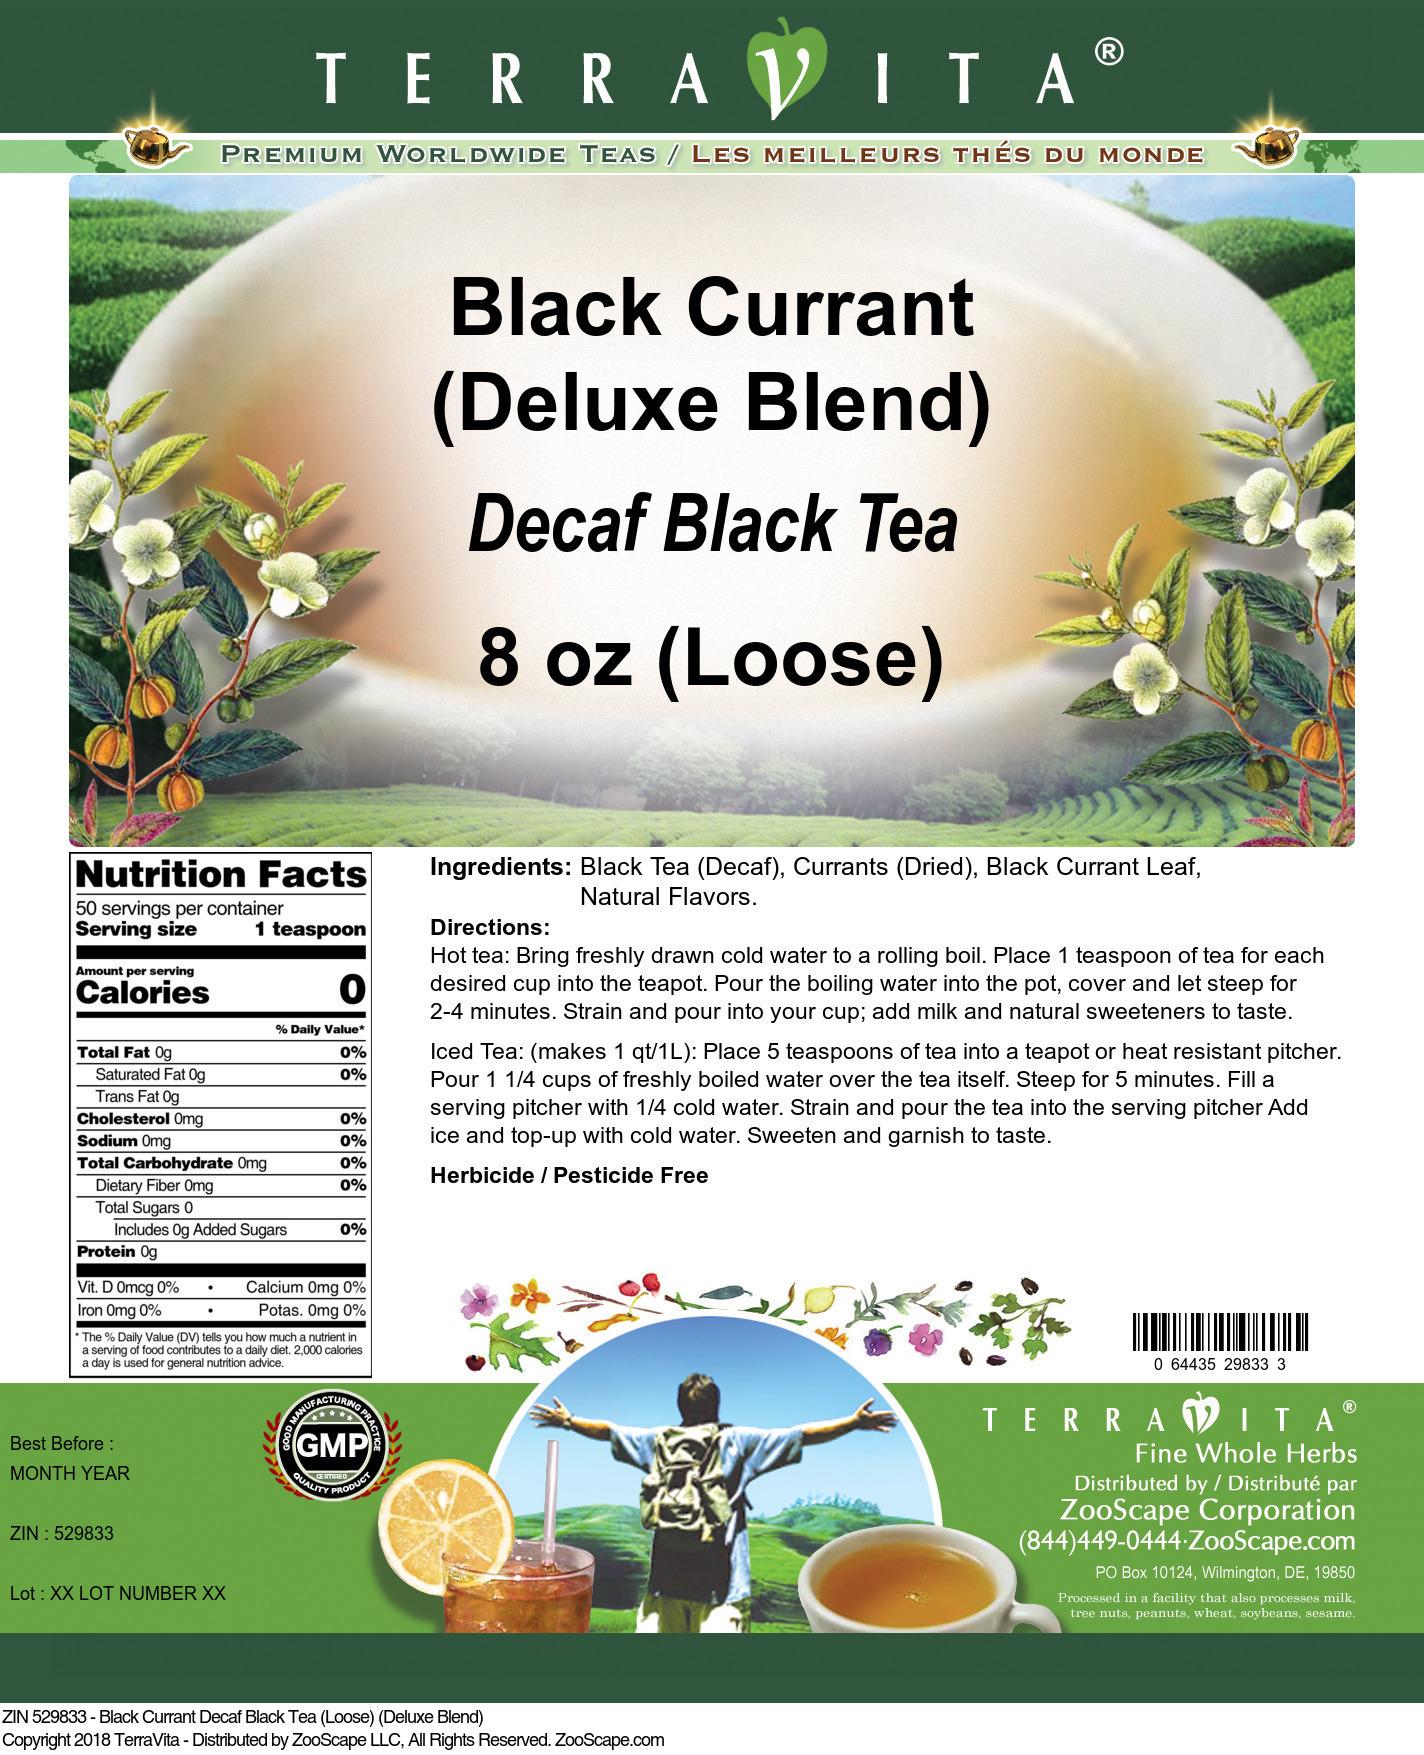 Black Currant Decaf Black Tea